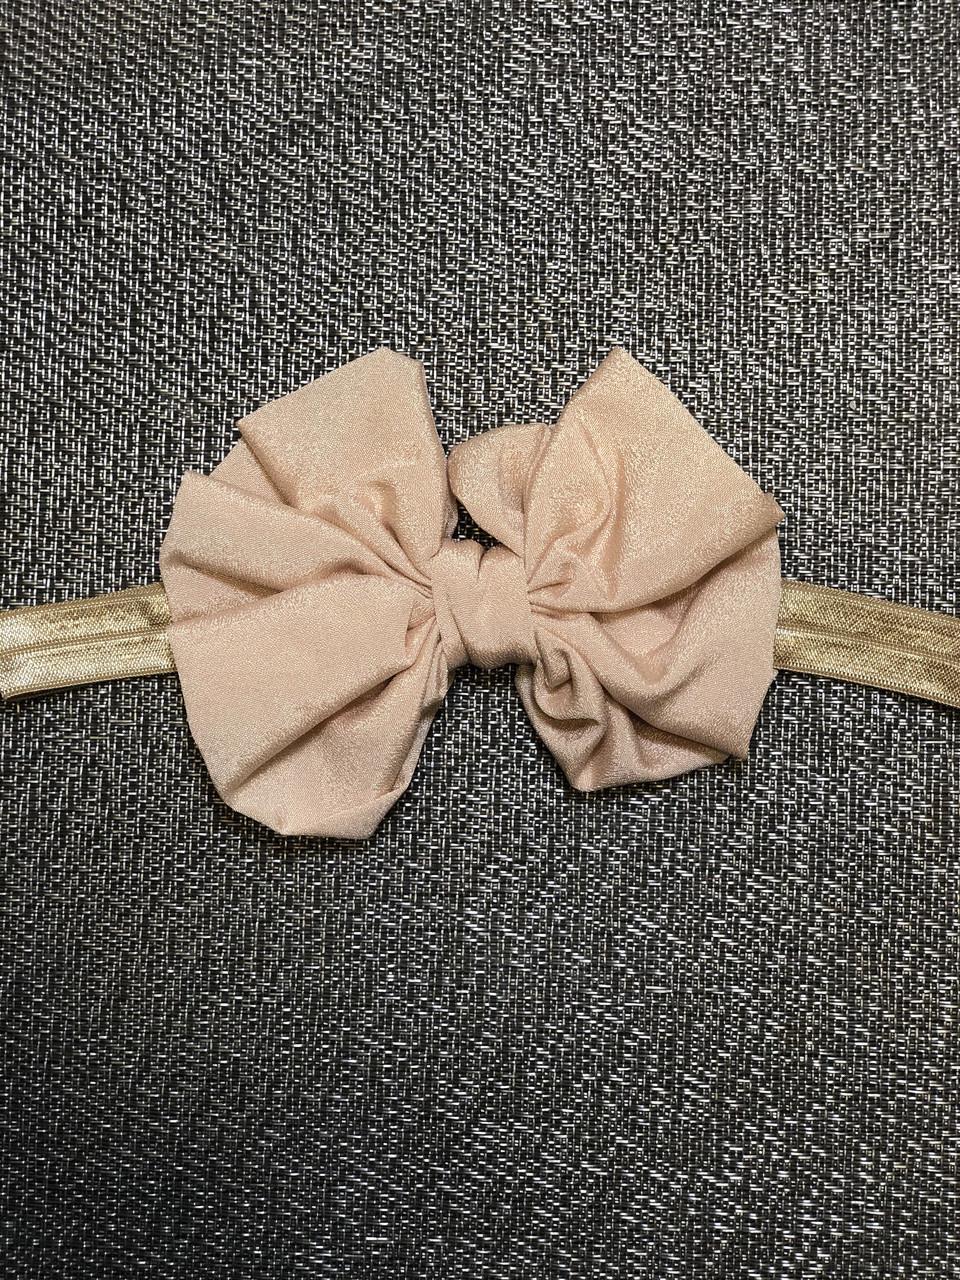 Повязка дитяча для дівчинки світло коричнева з бантиком, для девочки светло коричневая